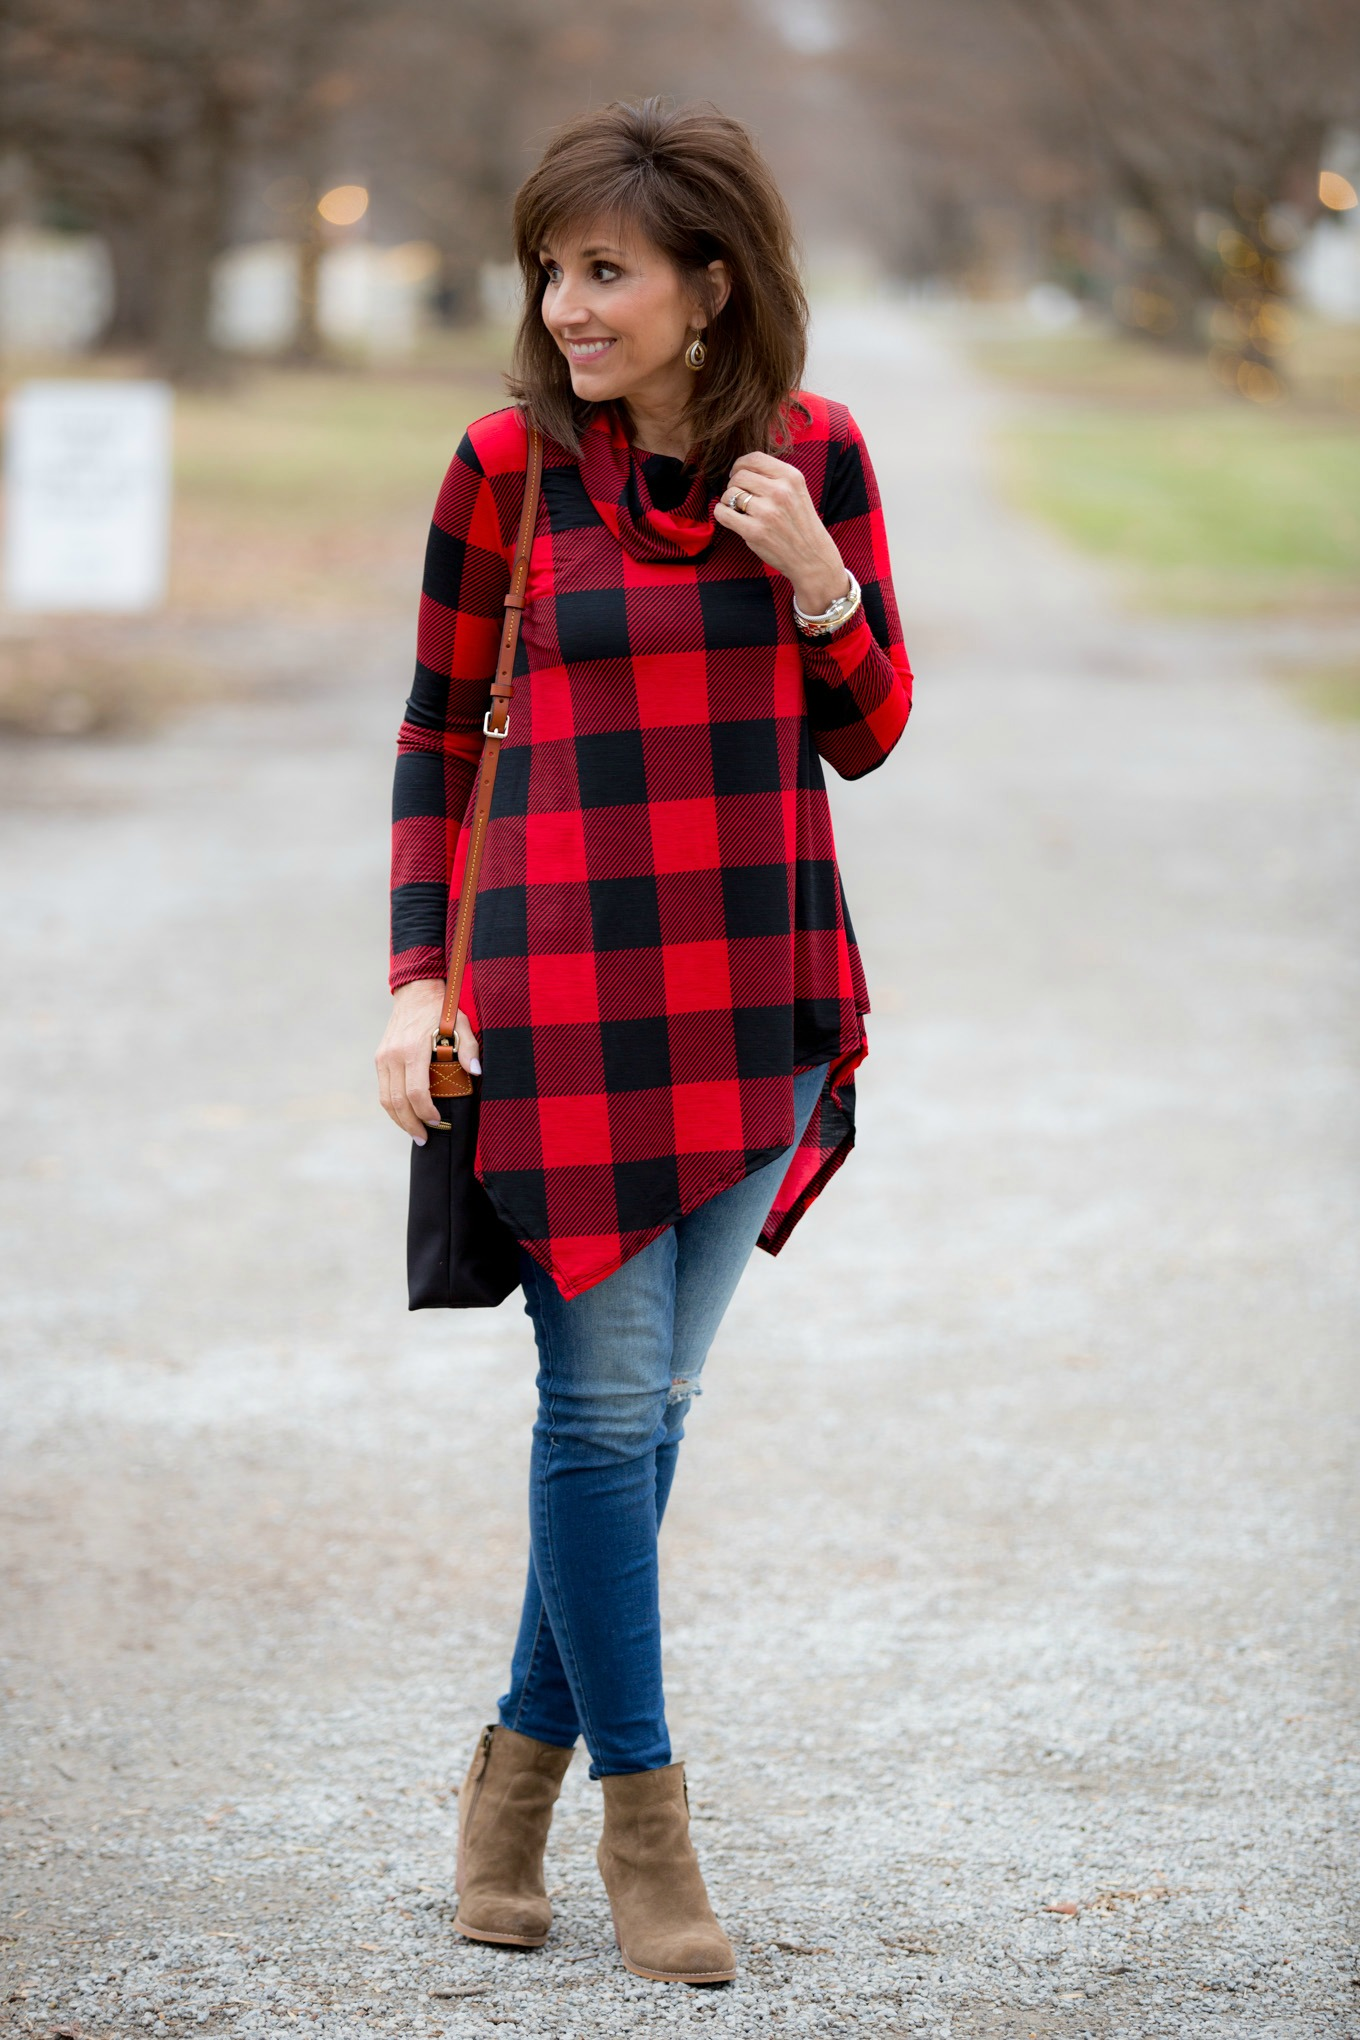 Fashion blogger, Cyndi Spivey, styling a buffalo check tunic from Glamour Farms.